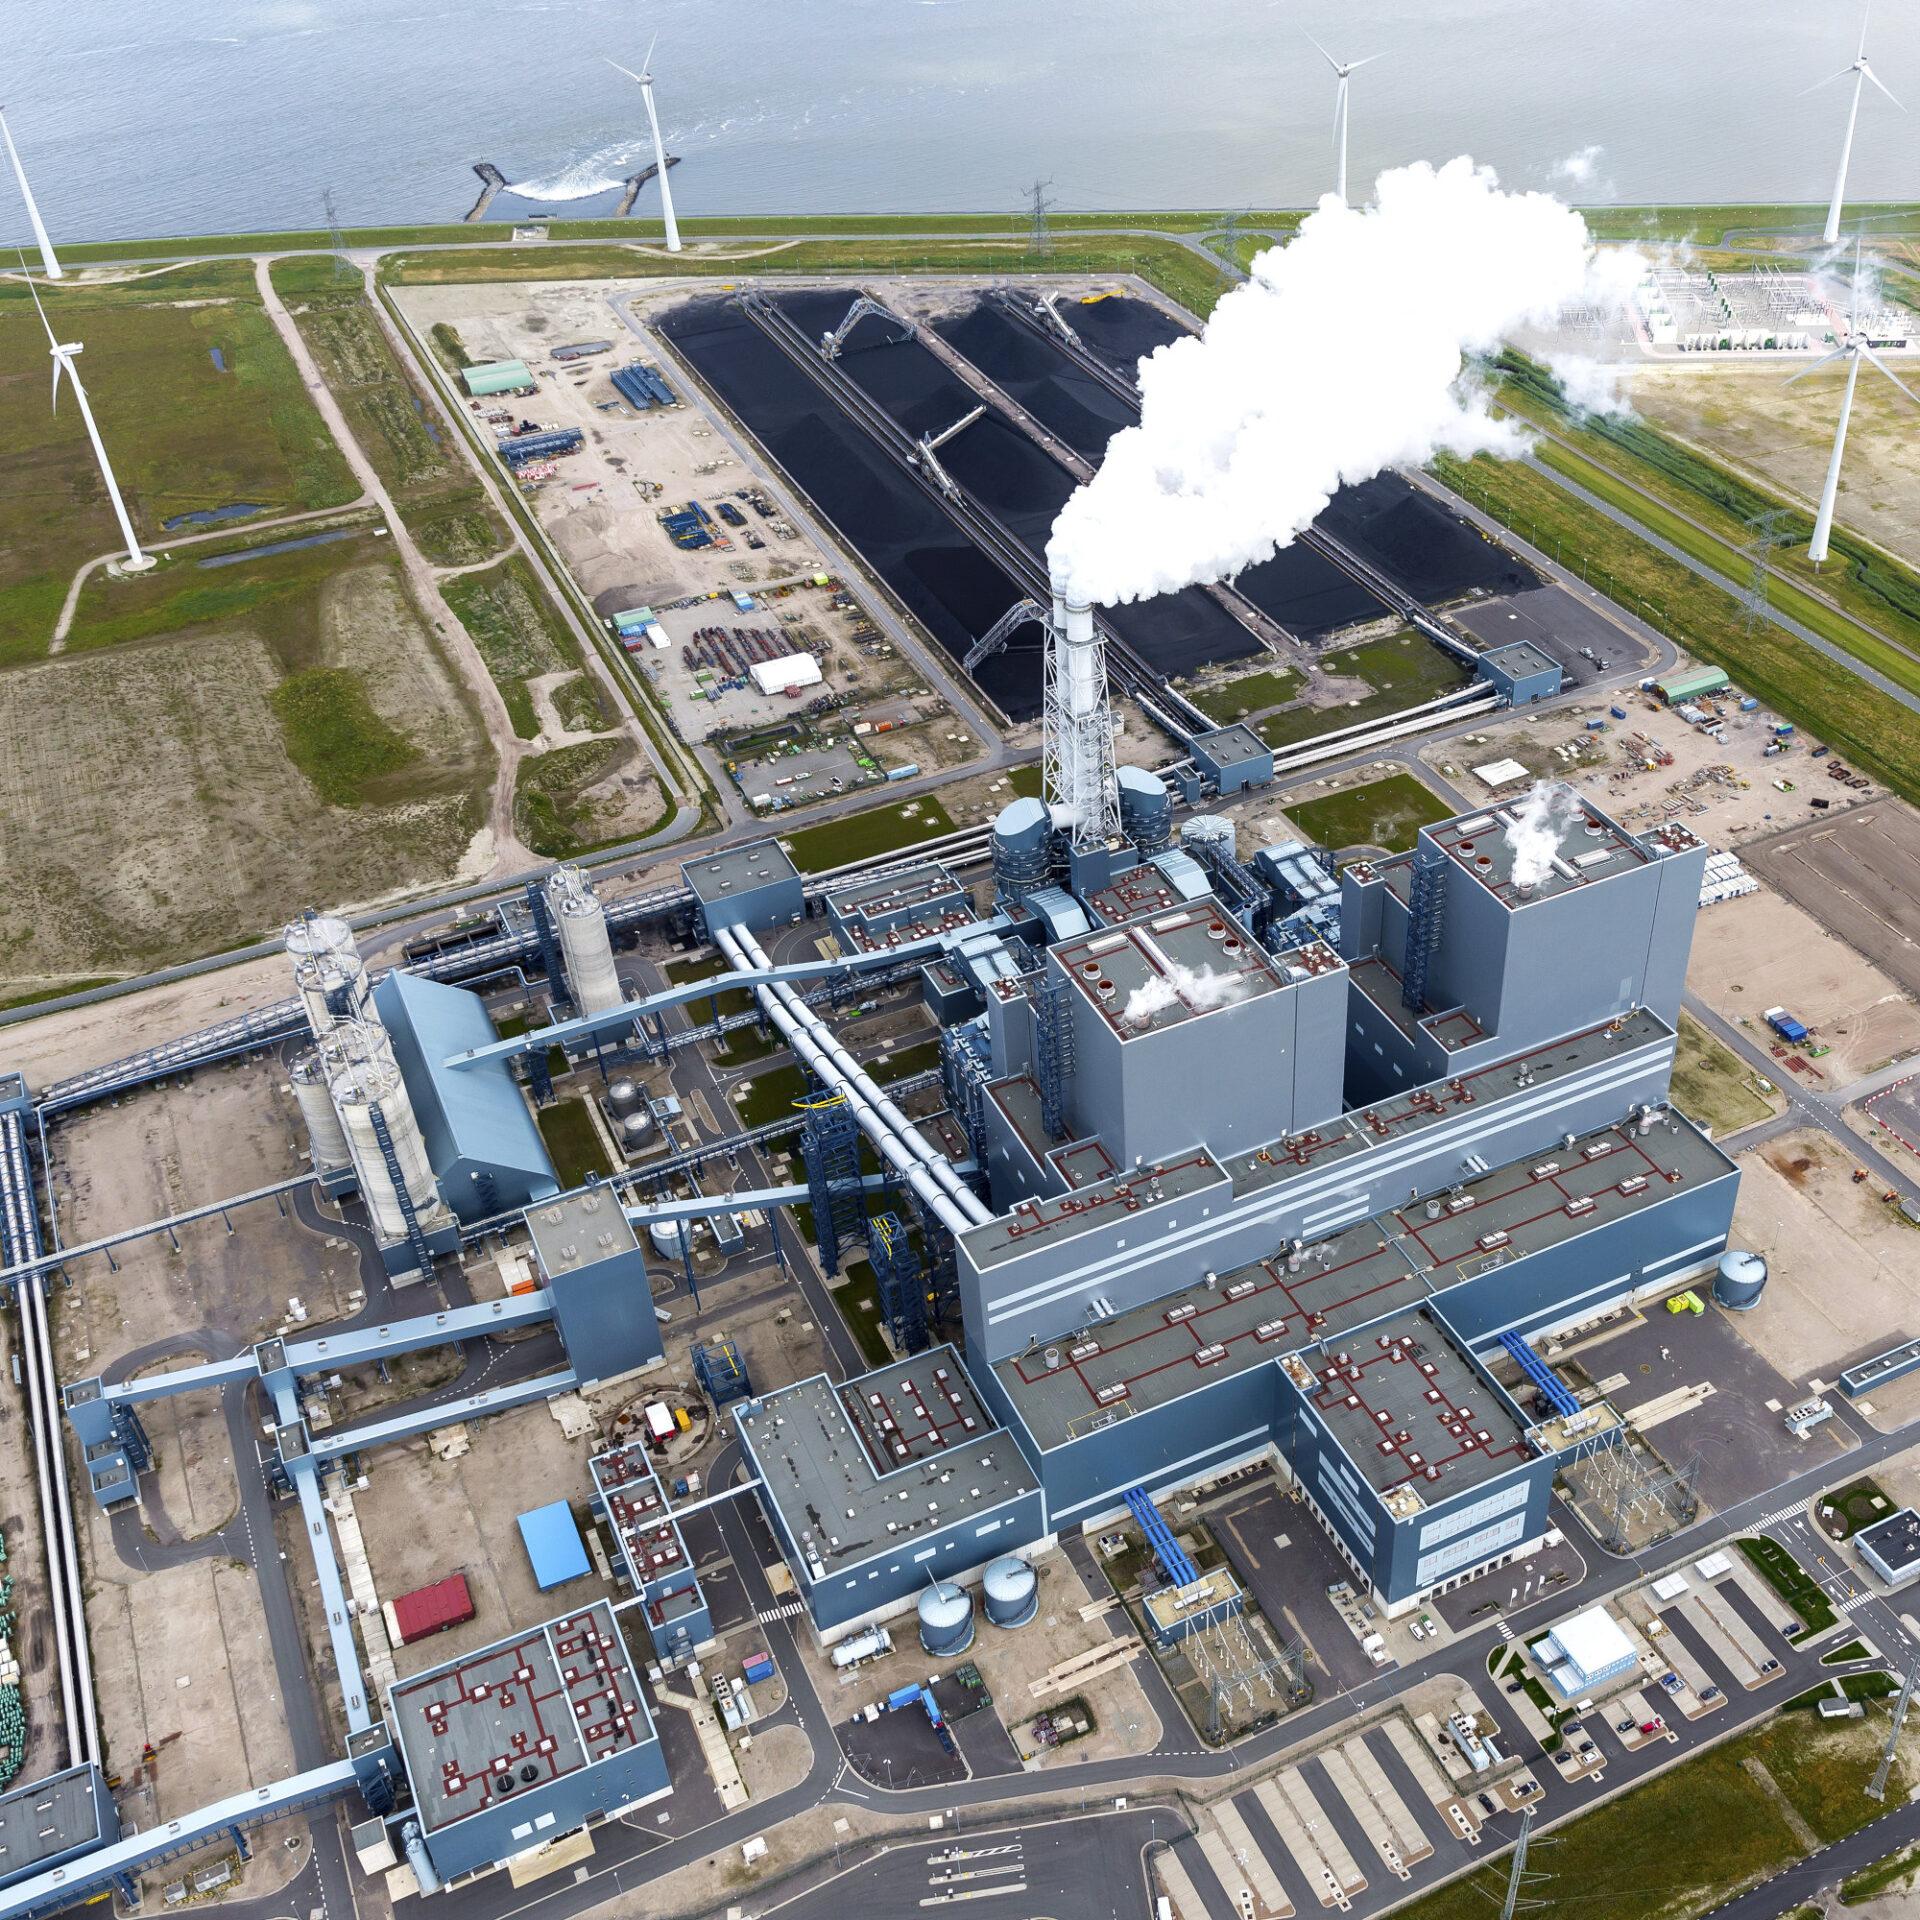 Energiecentrale RWE Eemshaven 03